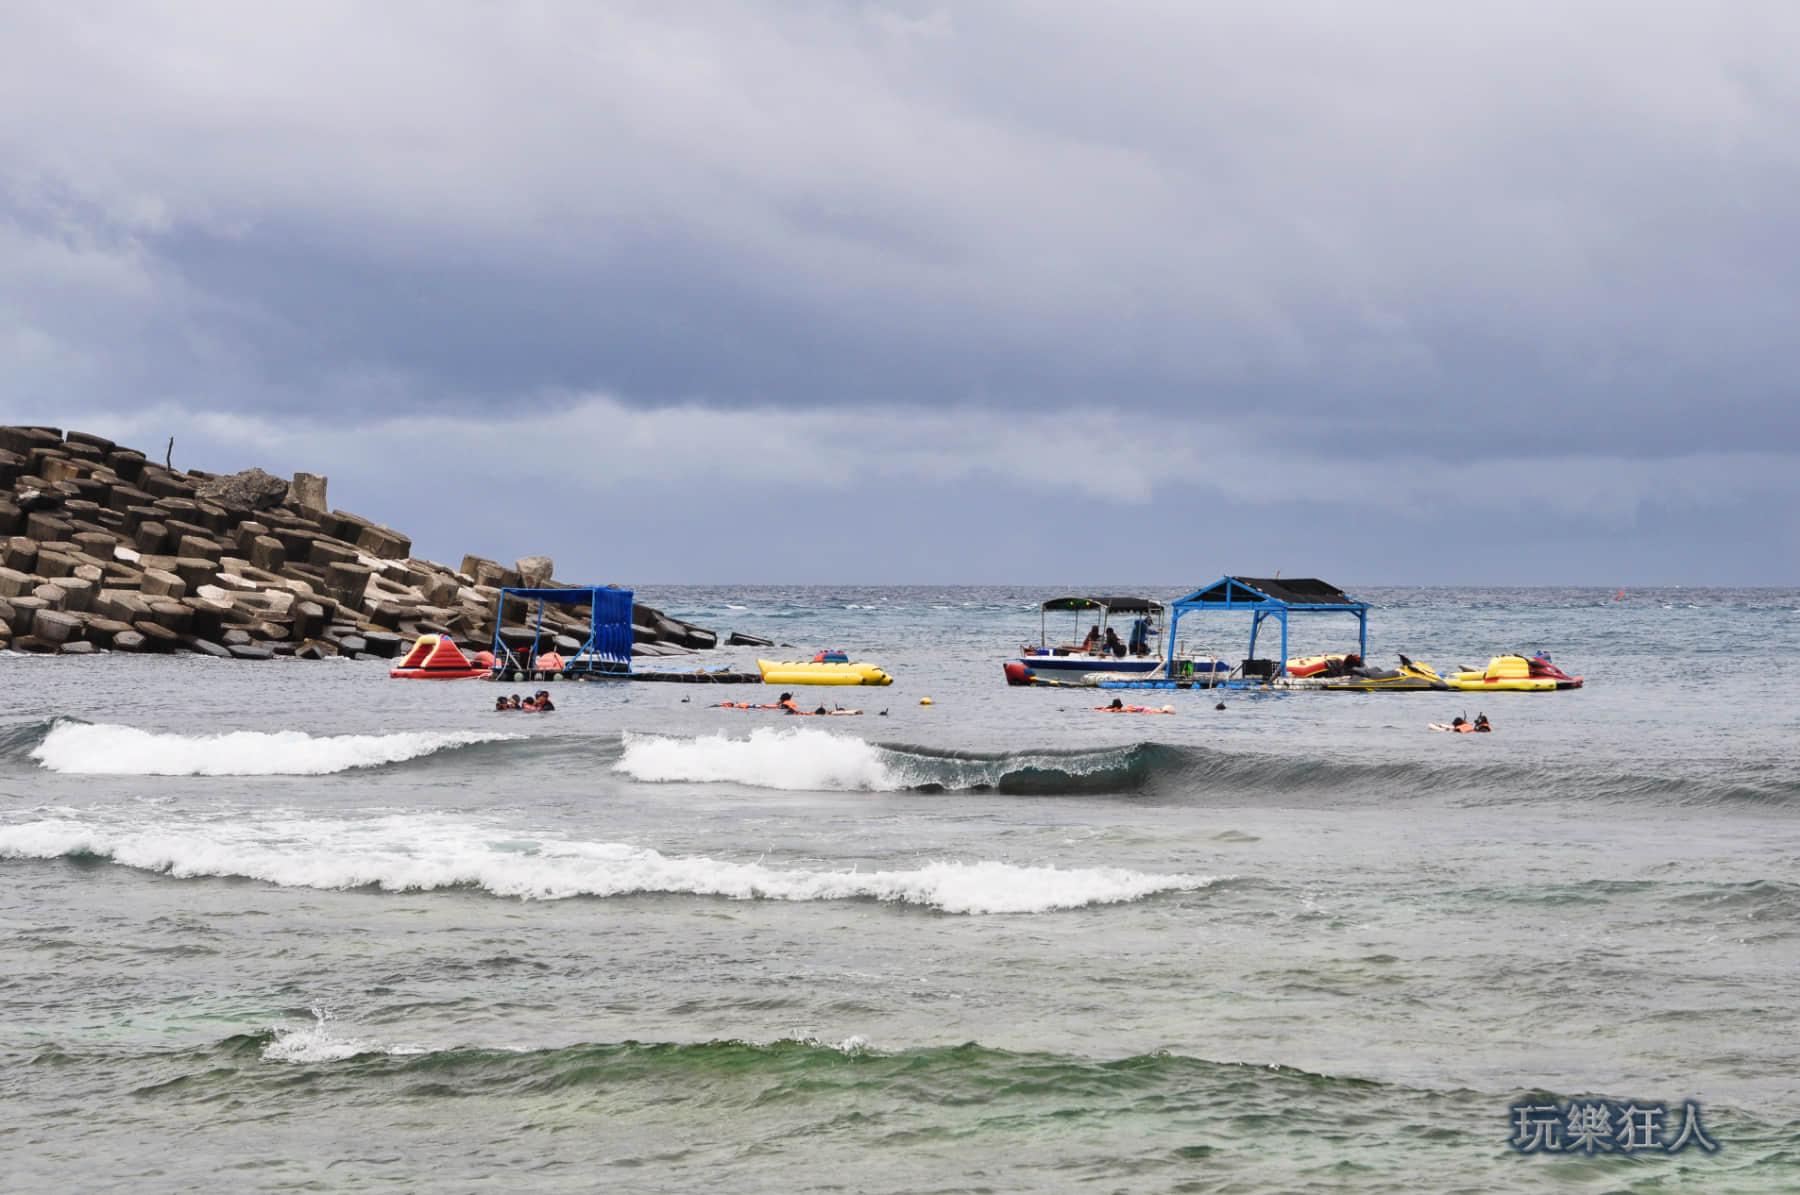 「小巴里島岩」海浪沙灘區-浮潛業者戲水平台